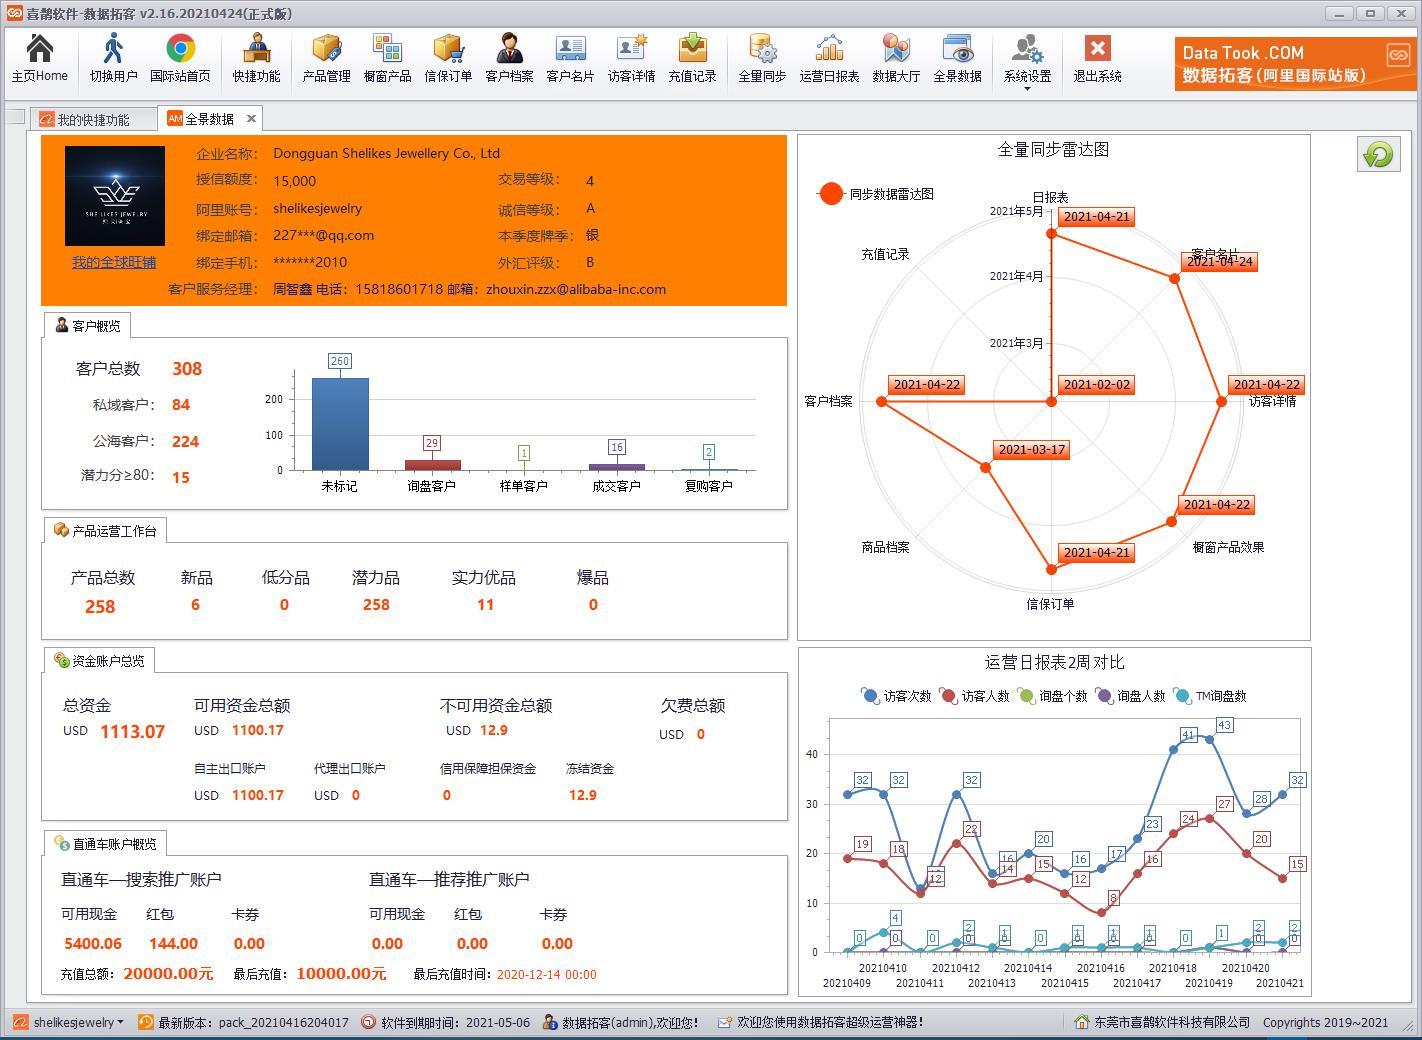 数据全景图_数据拓客(DataTook)-专业阿里国际站阿里1688店铺电商运营软件工具_喜鹊软件